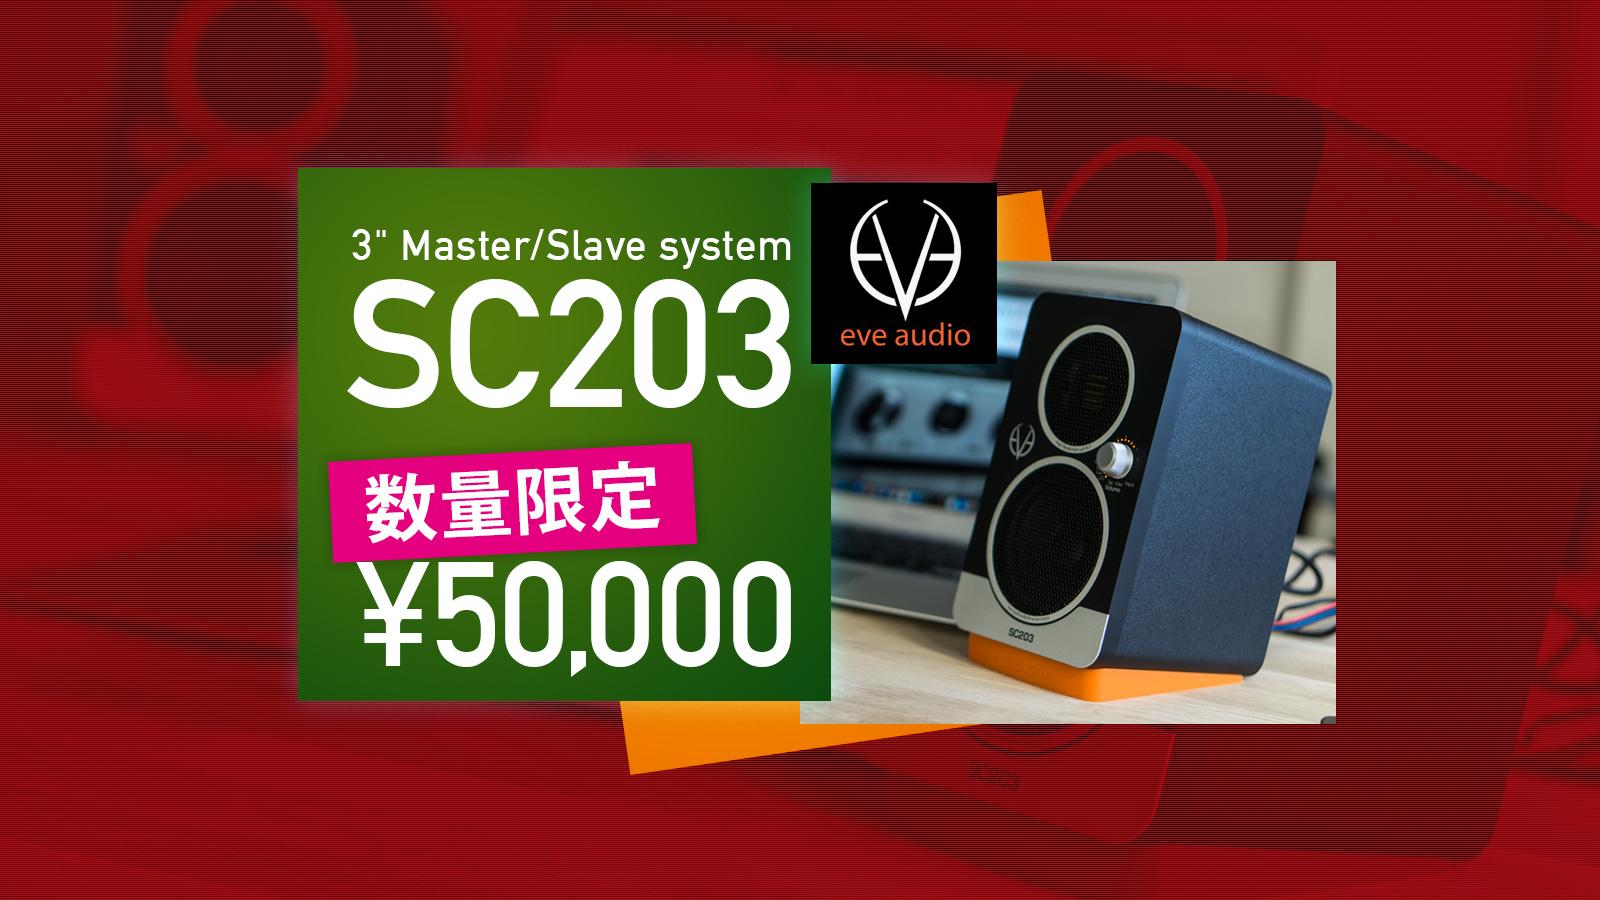 EVE Audio SC203が数量限定の特別価格、50,000円